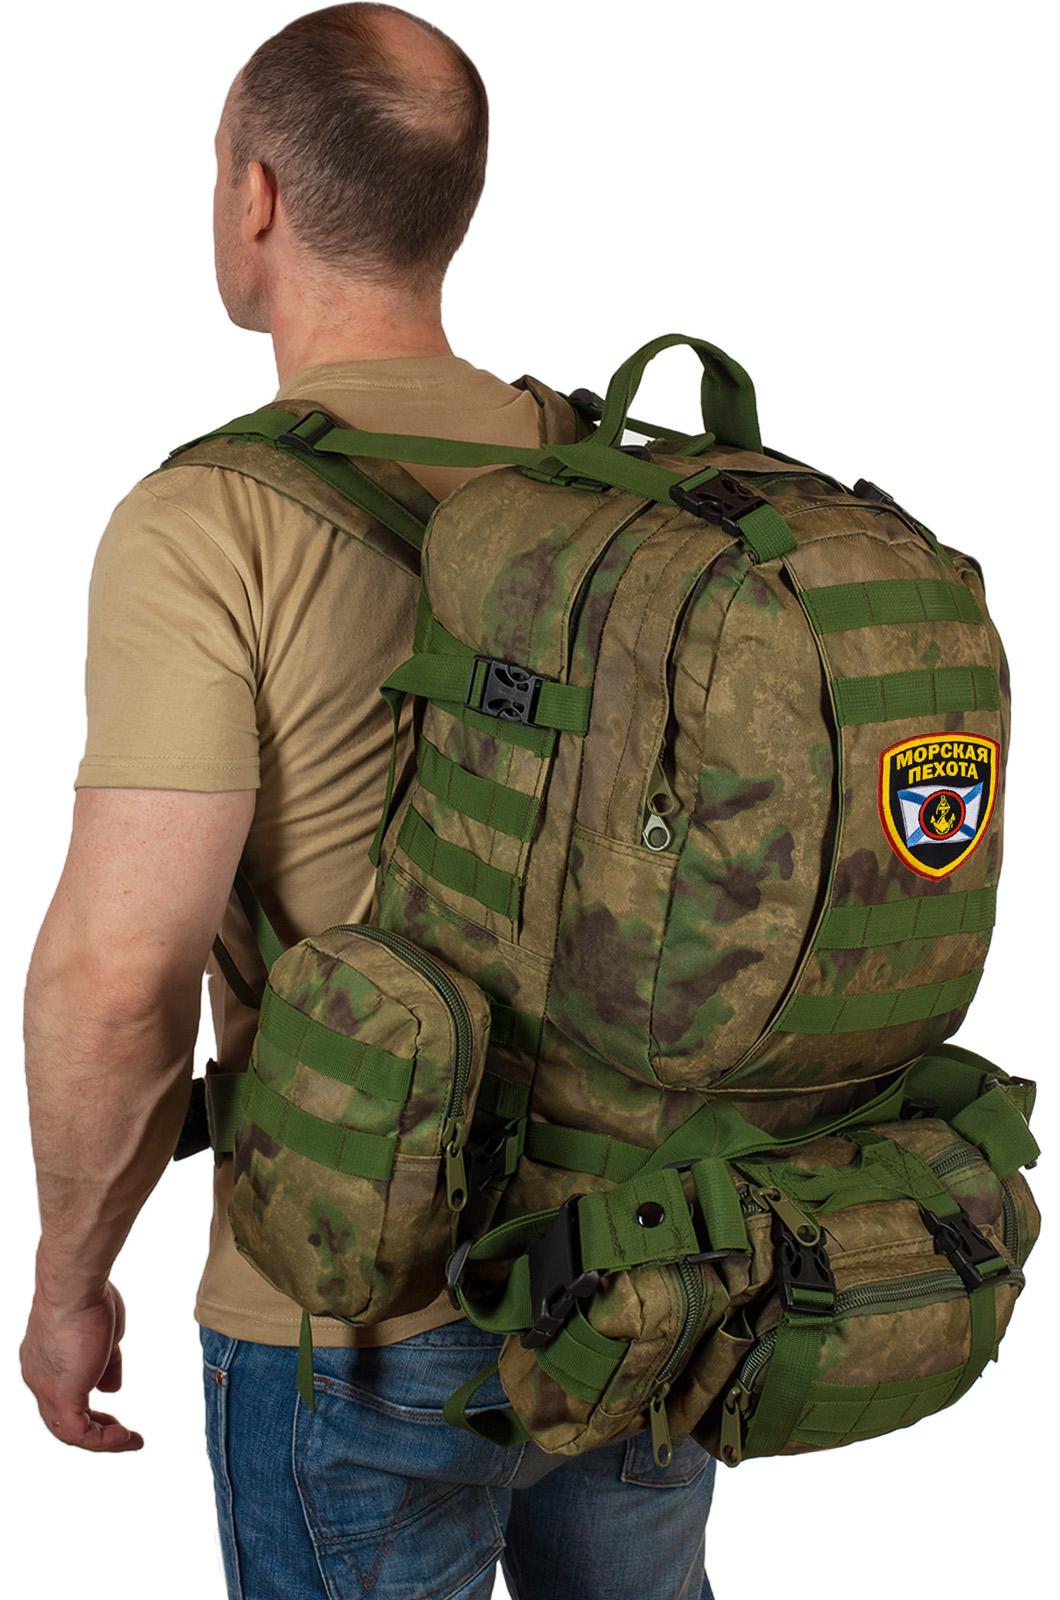 Купить недорого в Москве военный рюкзак MultiCam A-TACS FG